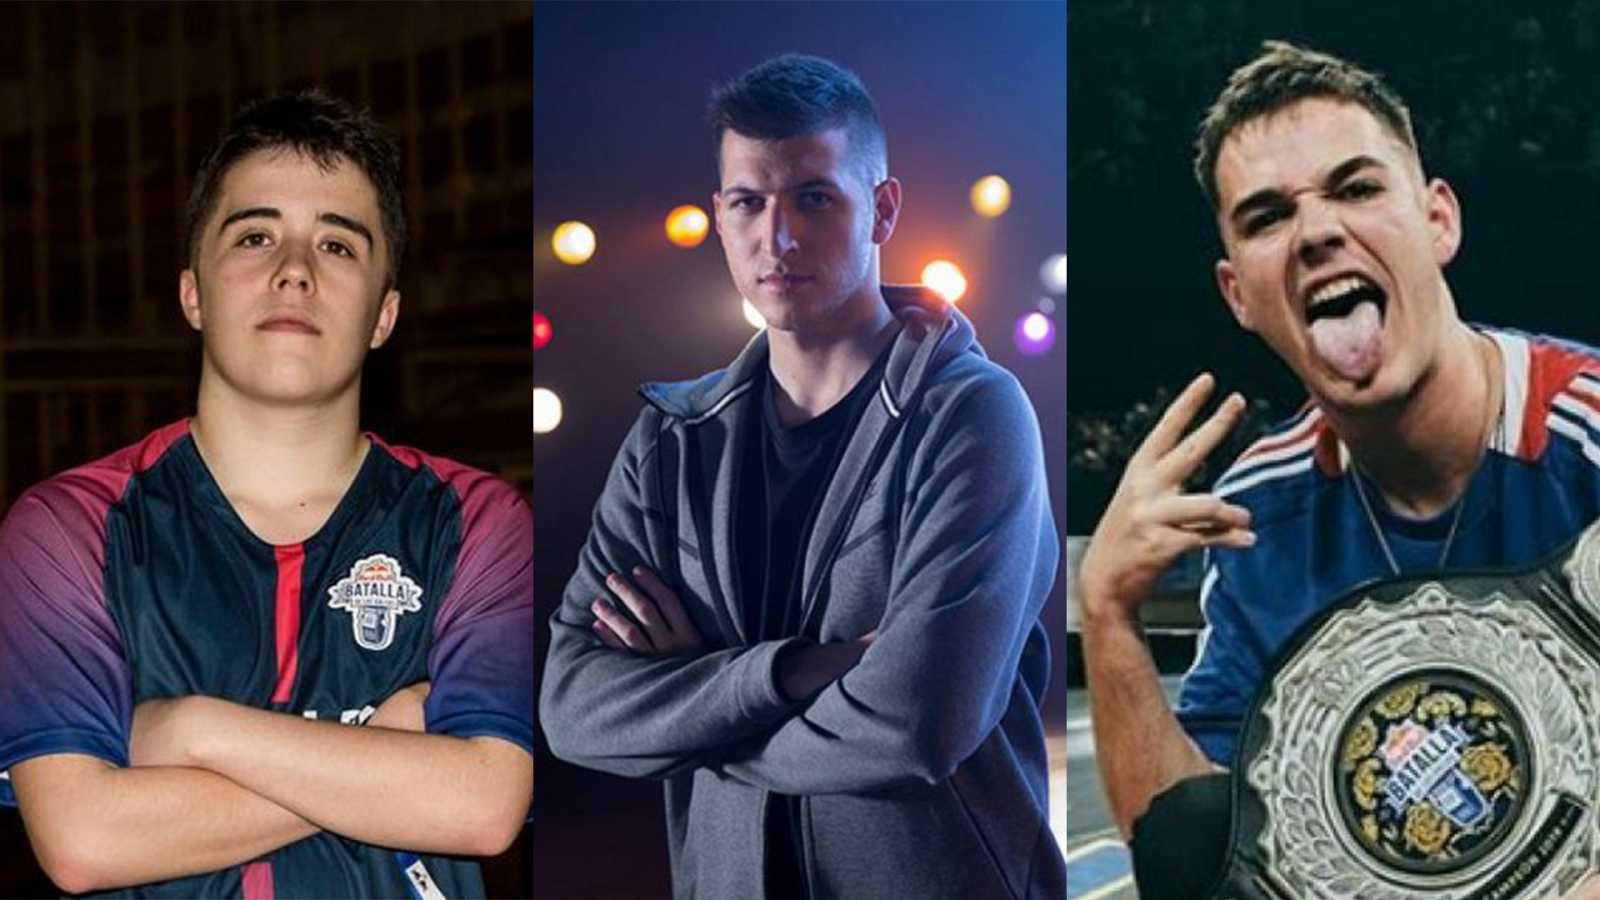 España arrasa en los Goldemc con Bnet, Chuty y Gazir como protagonistas